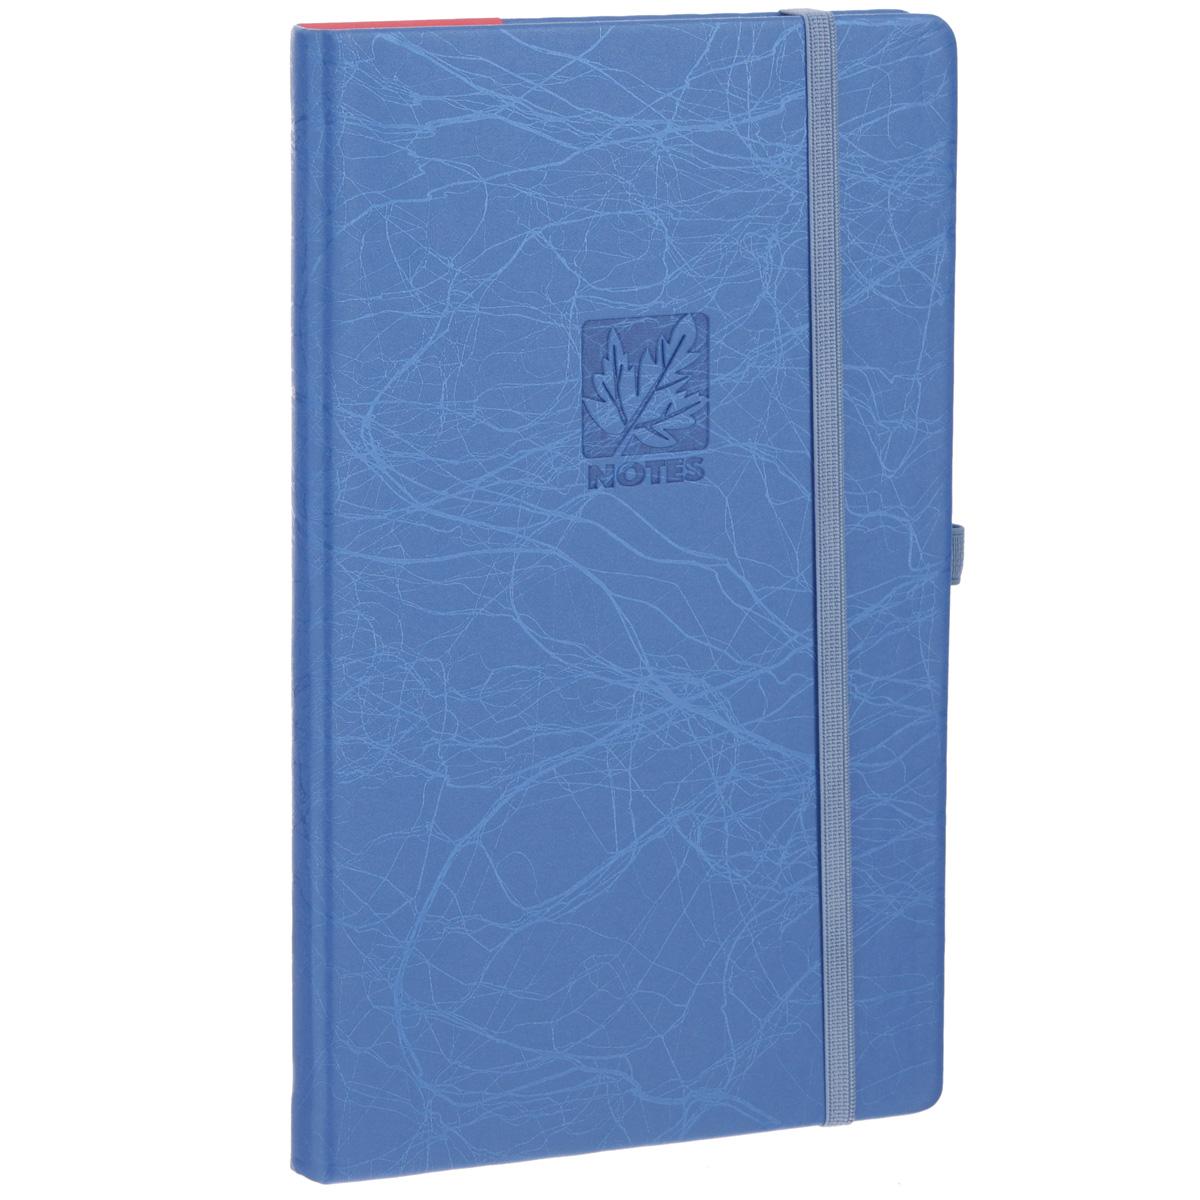 Записная книжка Erich Krause Scribble, цвет: синий, 96 листов72523WDЗаписная книжка Erich Krause Scribble - это дополнительный штрих к вашему имиджу. Демократичная в своем содержании, книжка может быть использована не только для личных пометок и записей, но и как недатированный ежедневник. Надежная твердая обложка из плотного картона, обтянутого искусственной кожей, сохранит ее в аккуратном состоянии на протяжении всего времени использования. Плотная в линейку бумага белого цвета, закладка-ляссе, практичные скругленные углы, эластичная петелька для ручки и внутренний бумажный карман на задней обложке - все это обеспечит вам истинное удовольствие от письма. В начале книжки имеется страничка для заполнения личных данных владельца, четыре страницы для заполнения адресов, телефонов и интернет-почты и четыре страницы для заполнения сайтов и ссылок. Благодаря небольшому формату книжку легко взять с собой. Записная книжка плотно закрывается при помощи фиксирующей резинки.